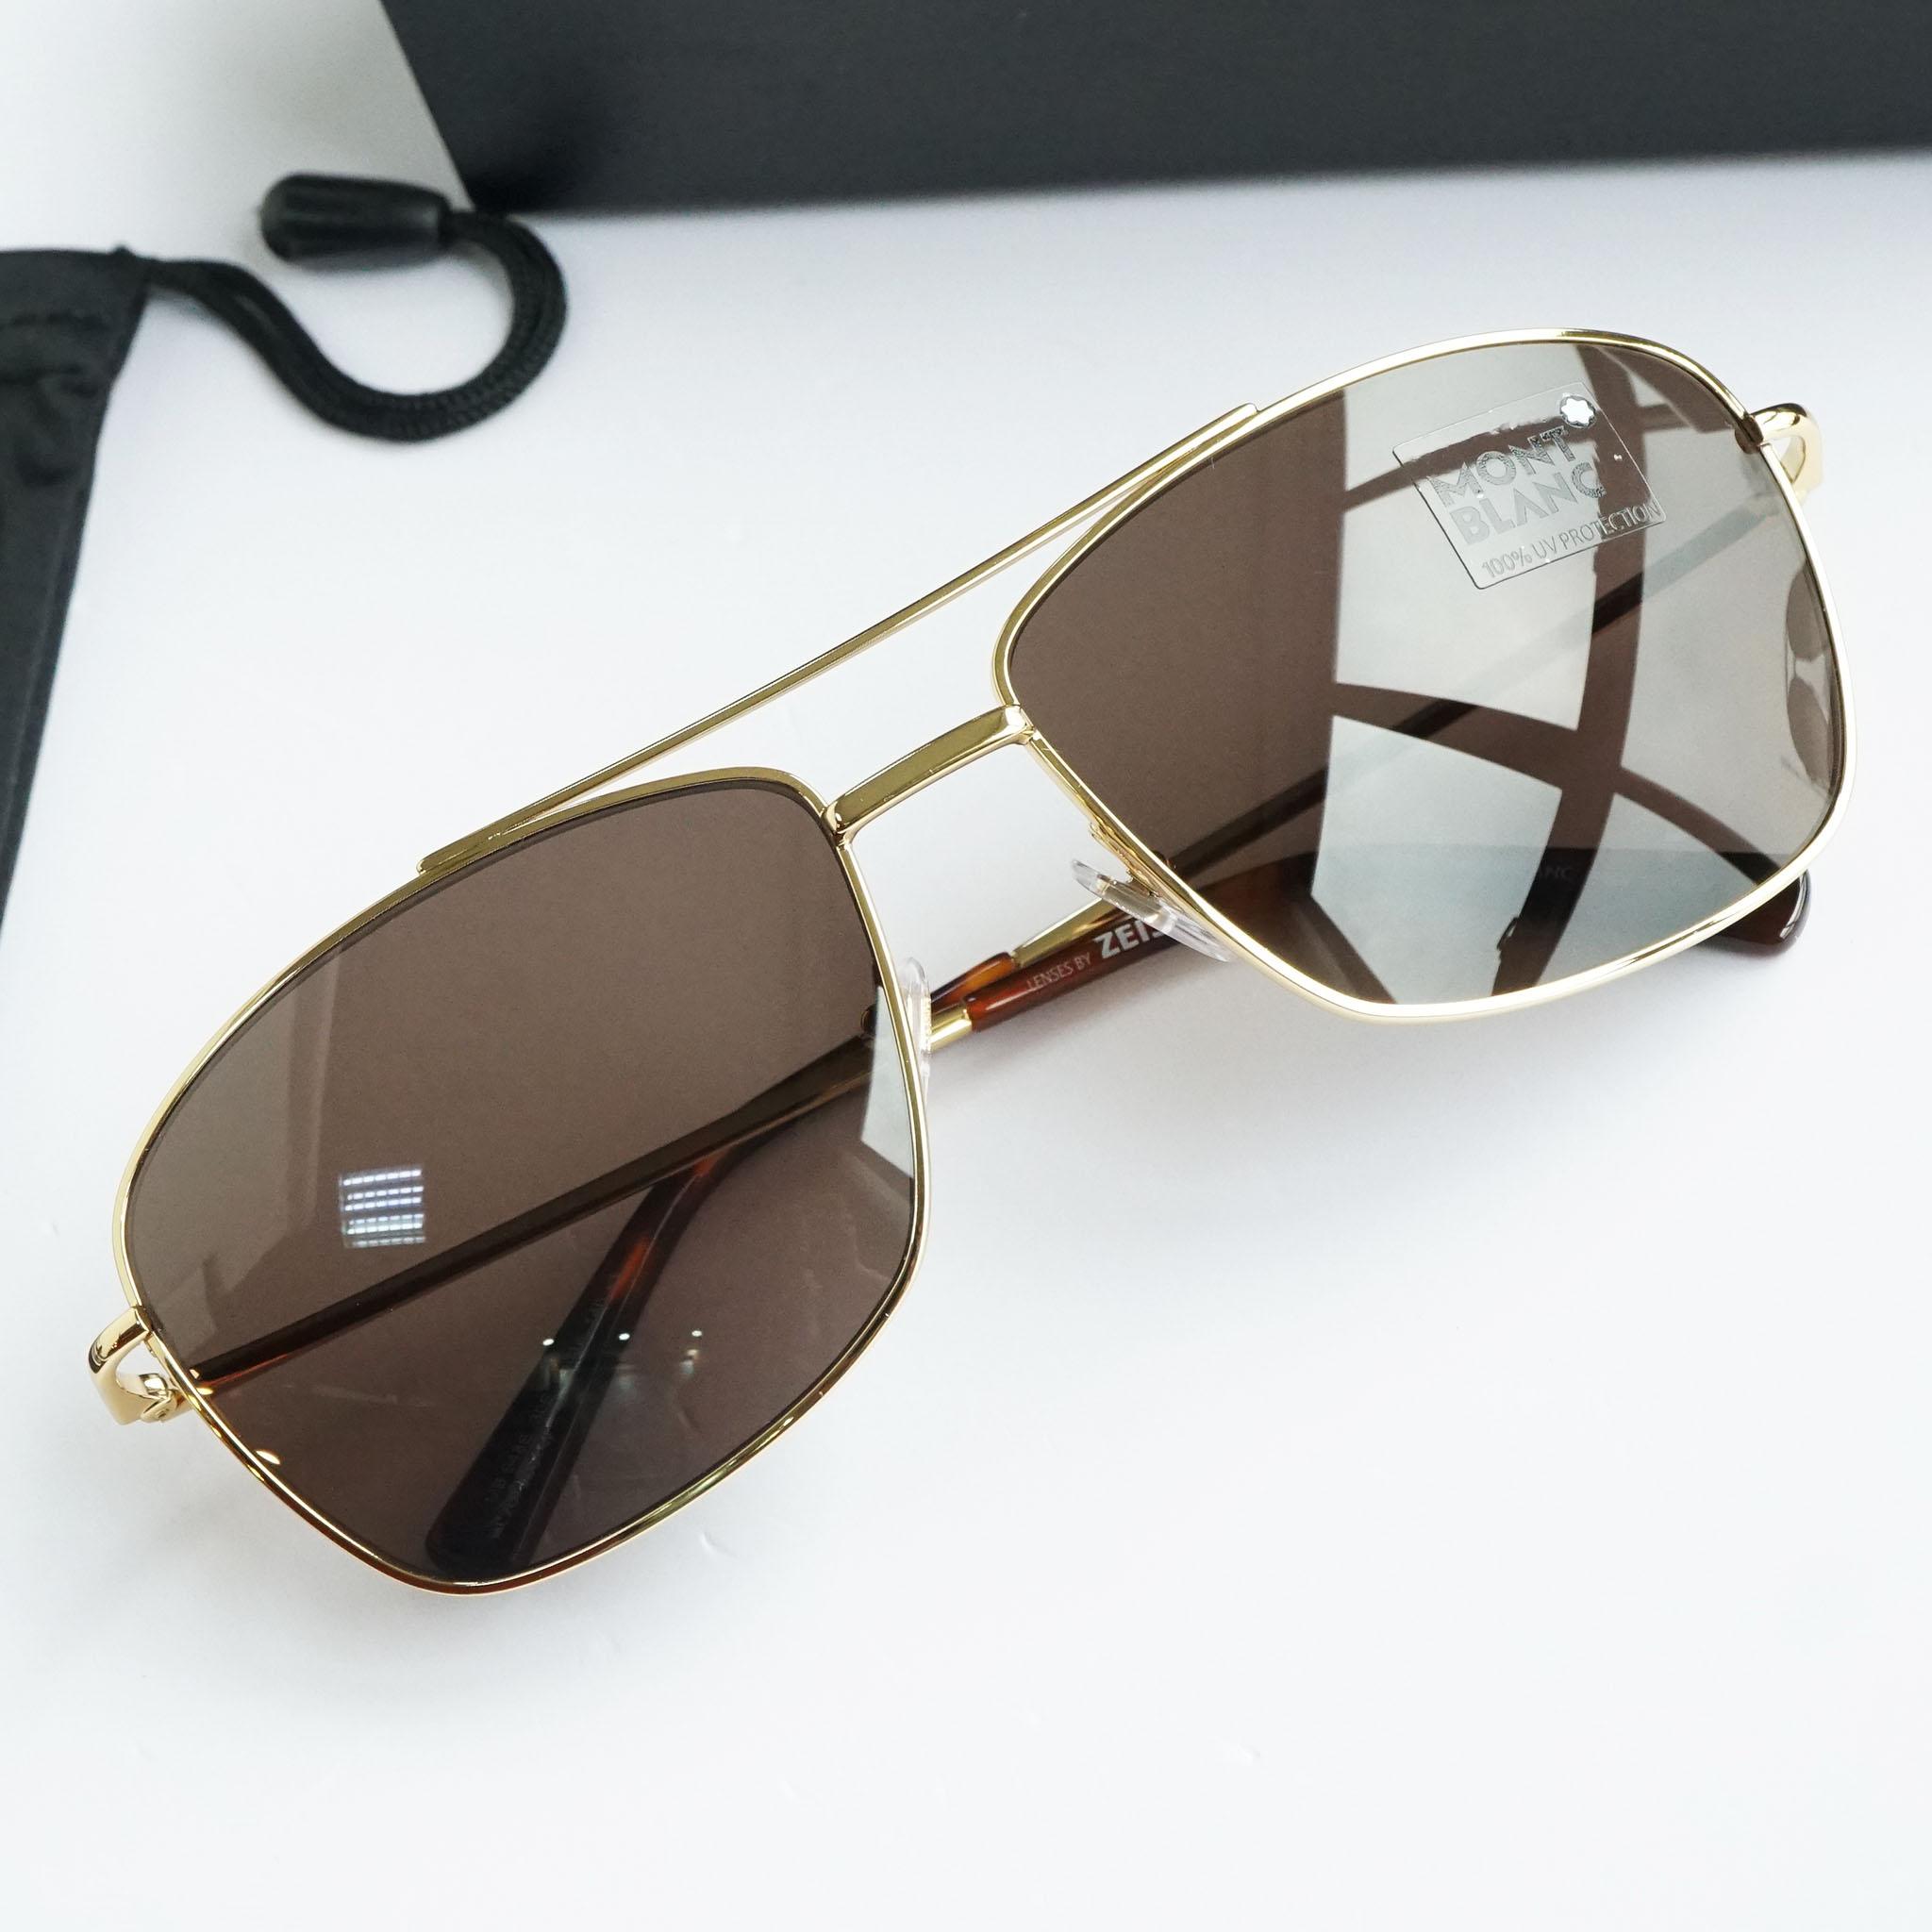 Kính râm Montblanc Rectangular Sunglasses MB548S 30E Gold/Havana 63mm chính hãng